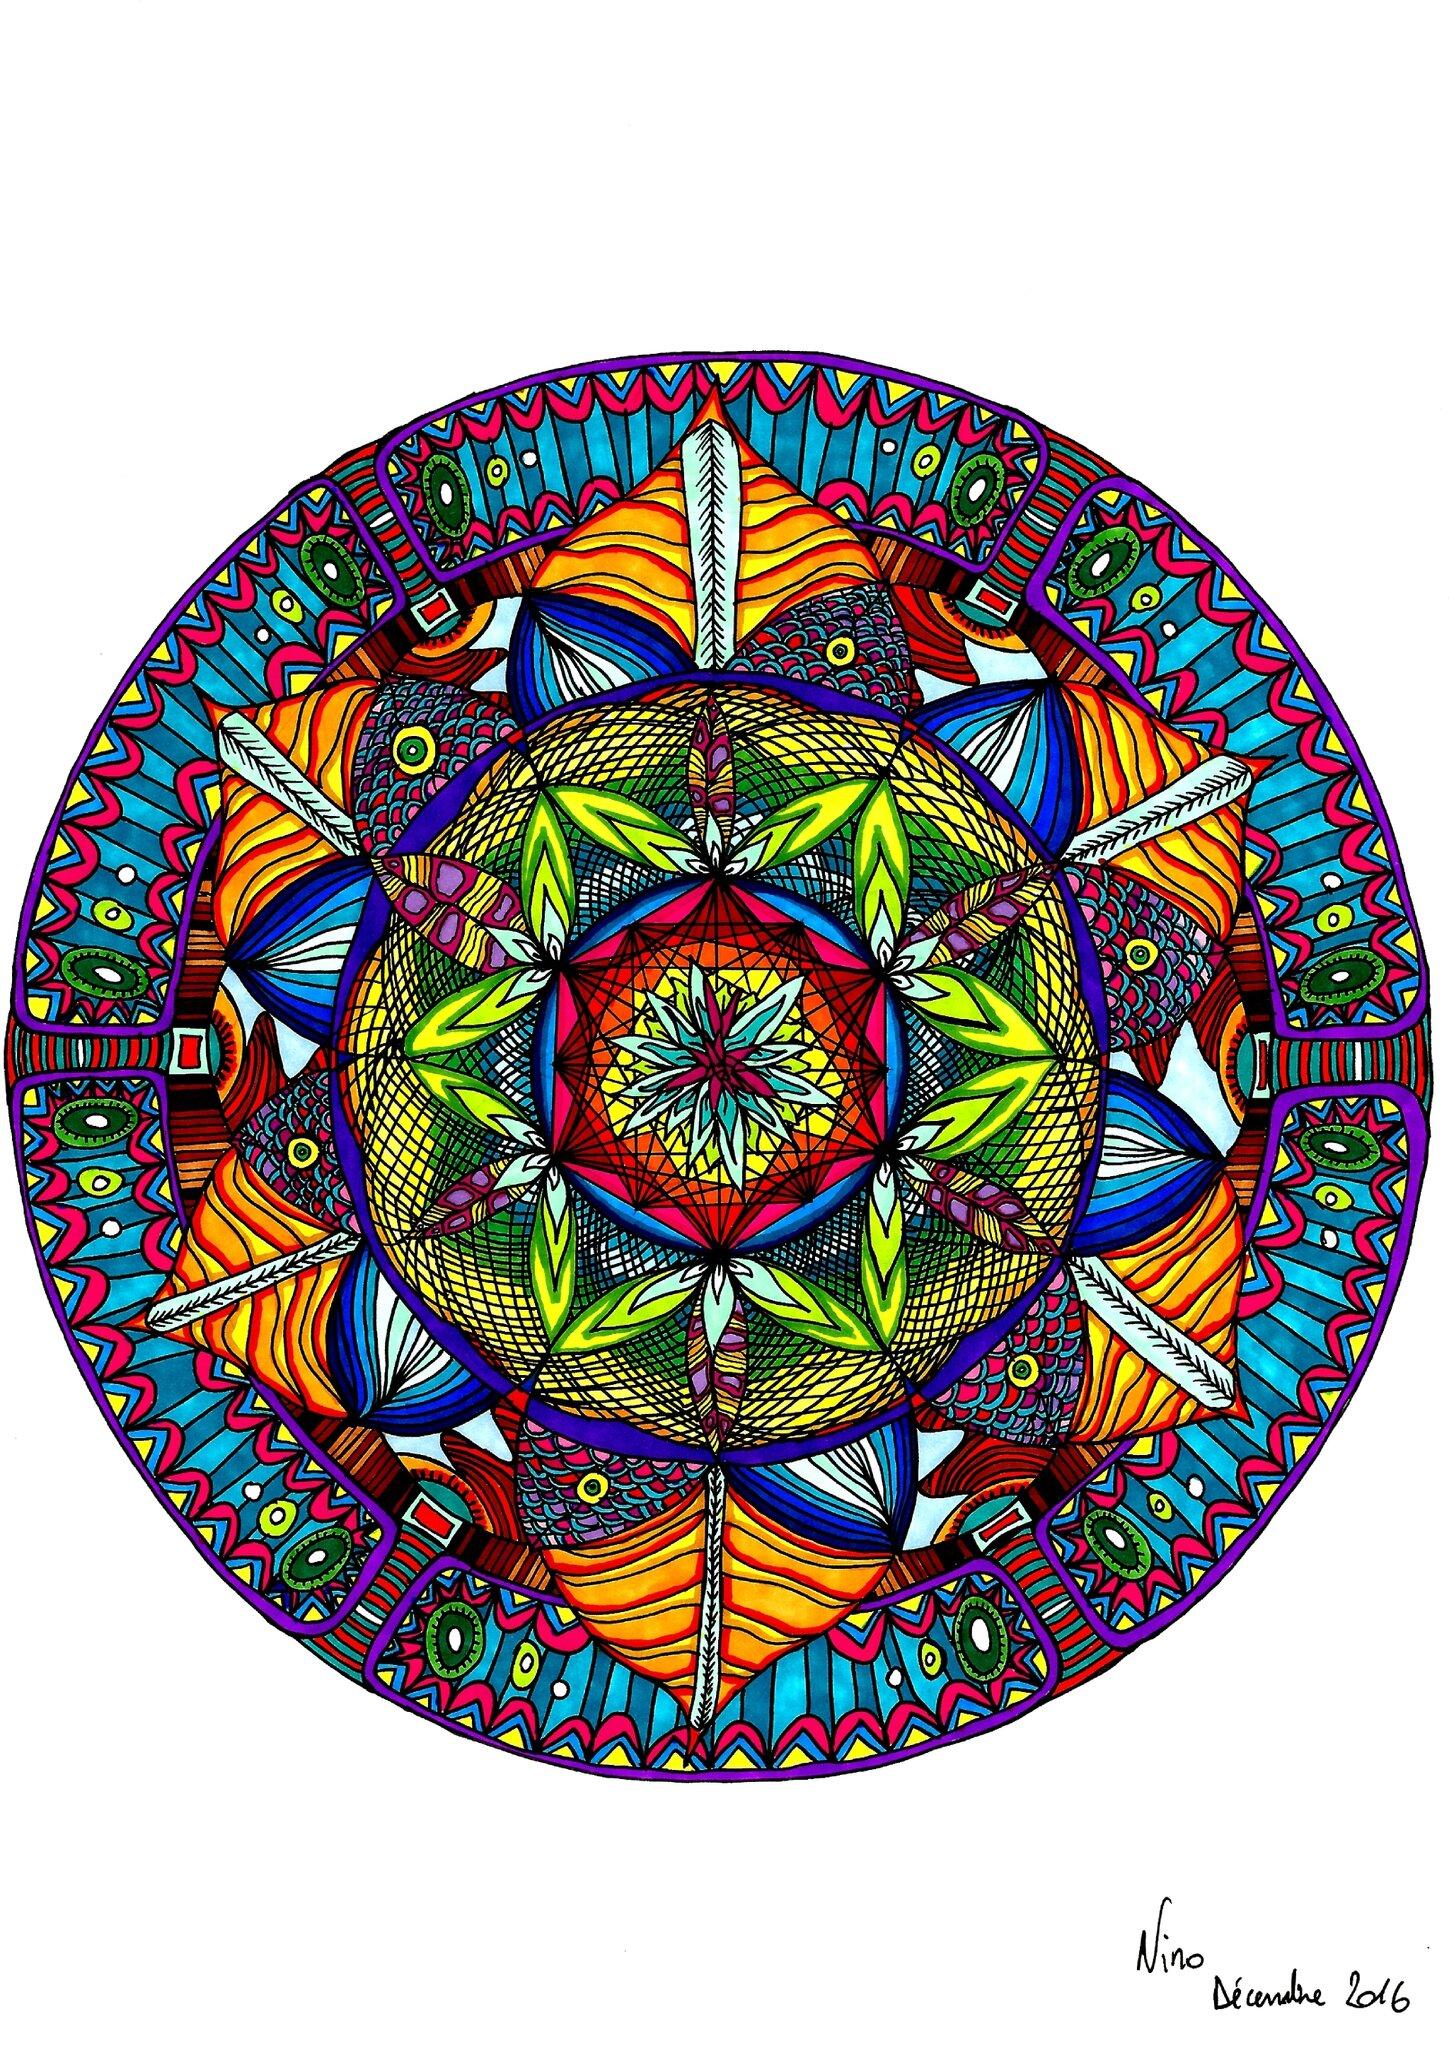 Fleur cosmique d'Automne n°4